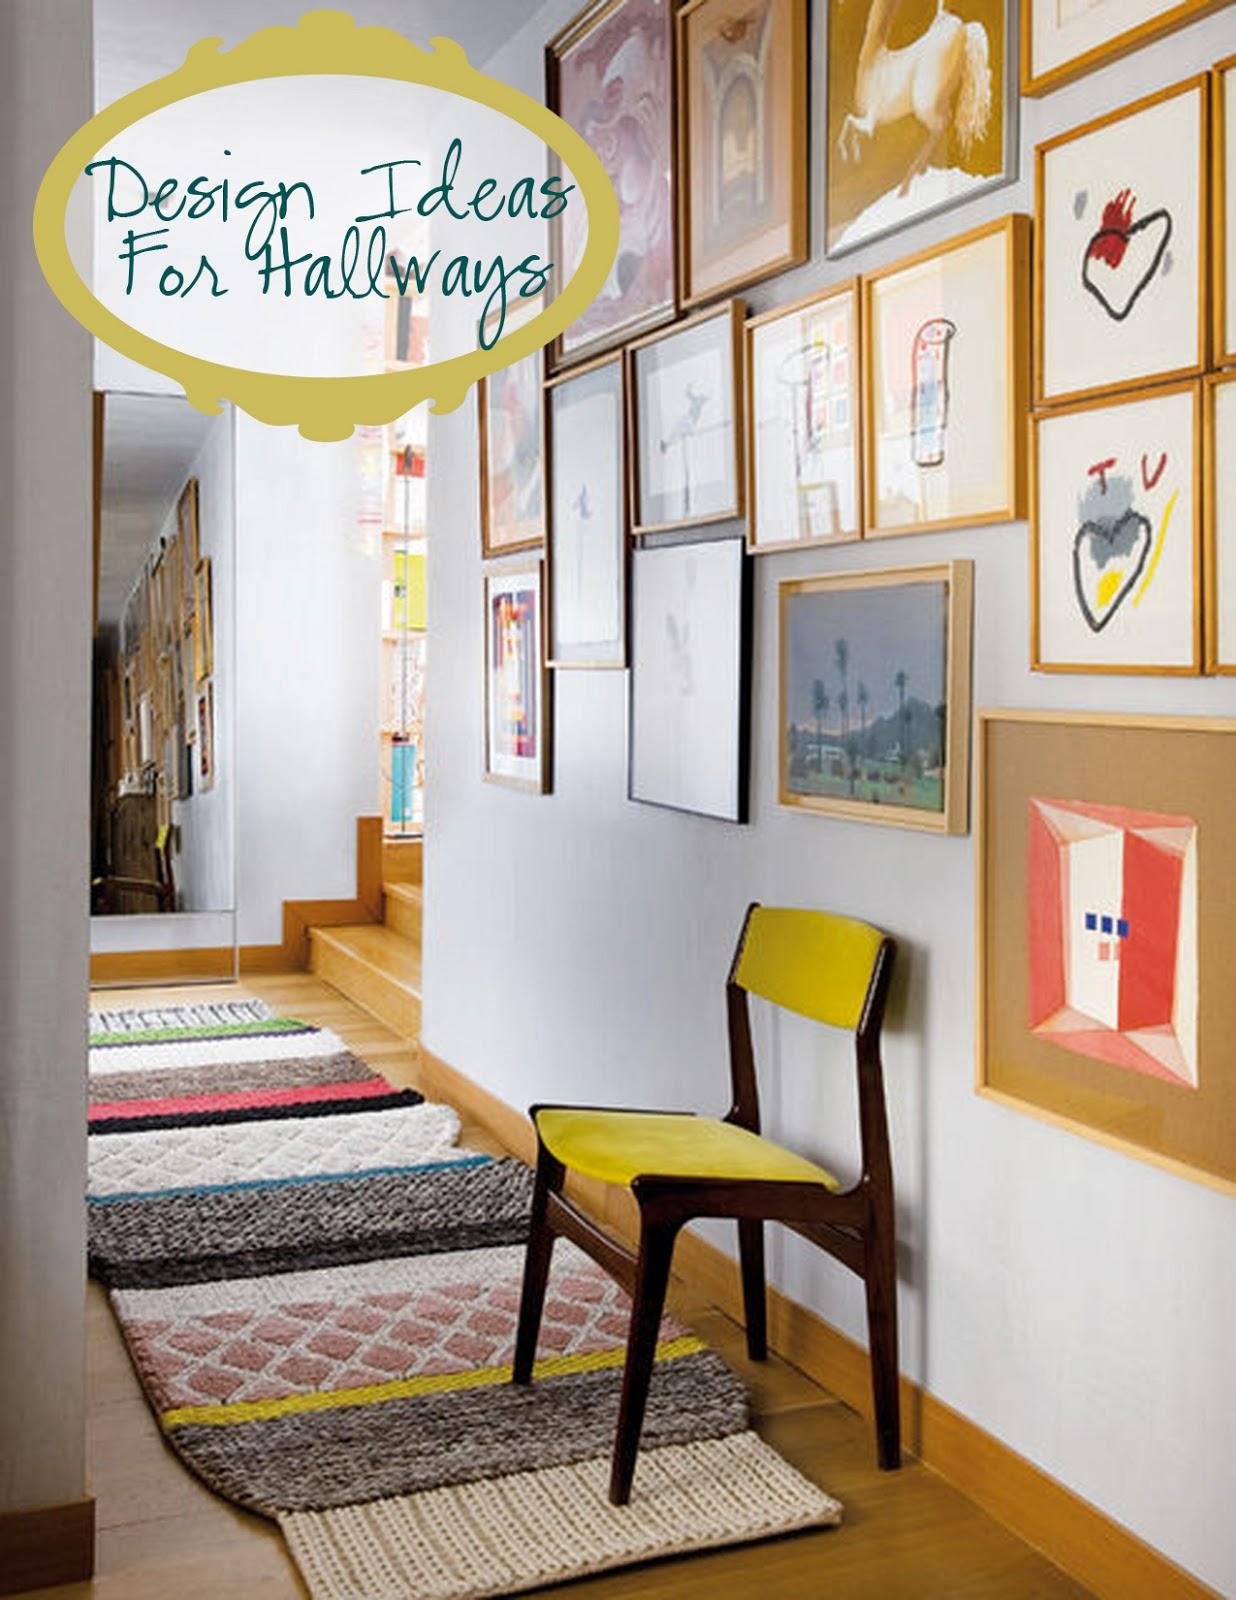 Twine hallway design ideas - Interior design ideas hallway ...